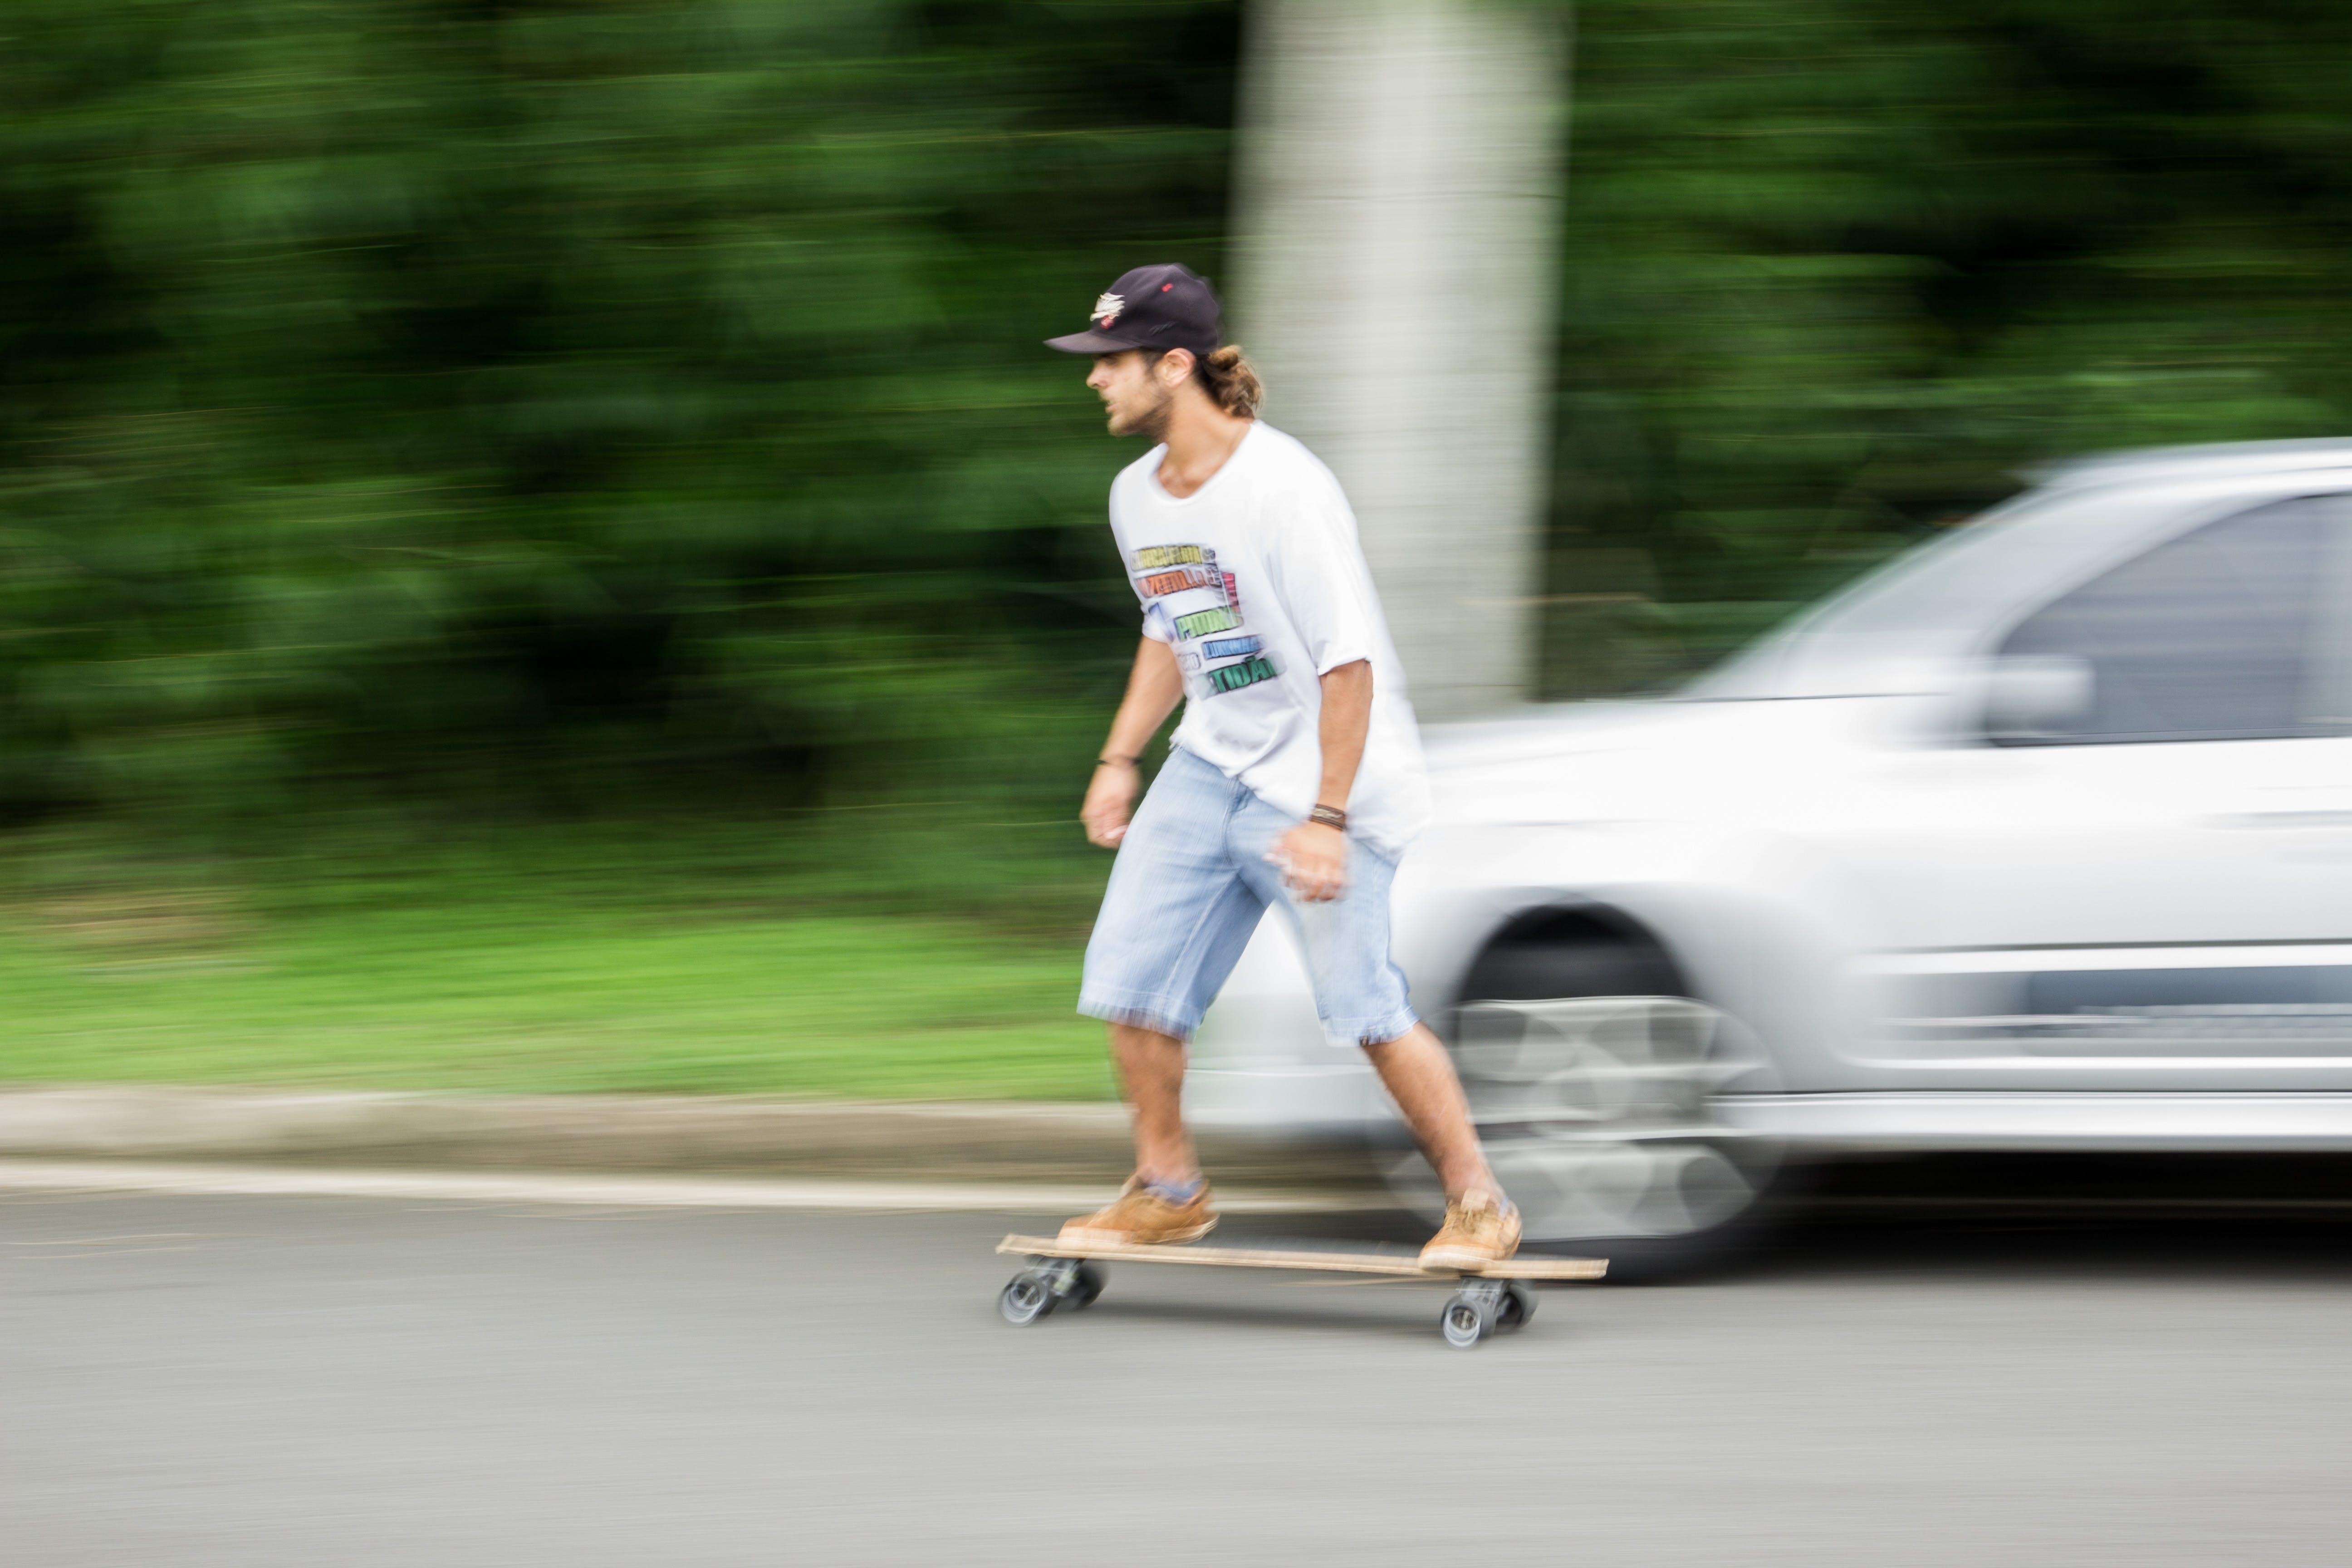 Man Playing Longboard on Road